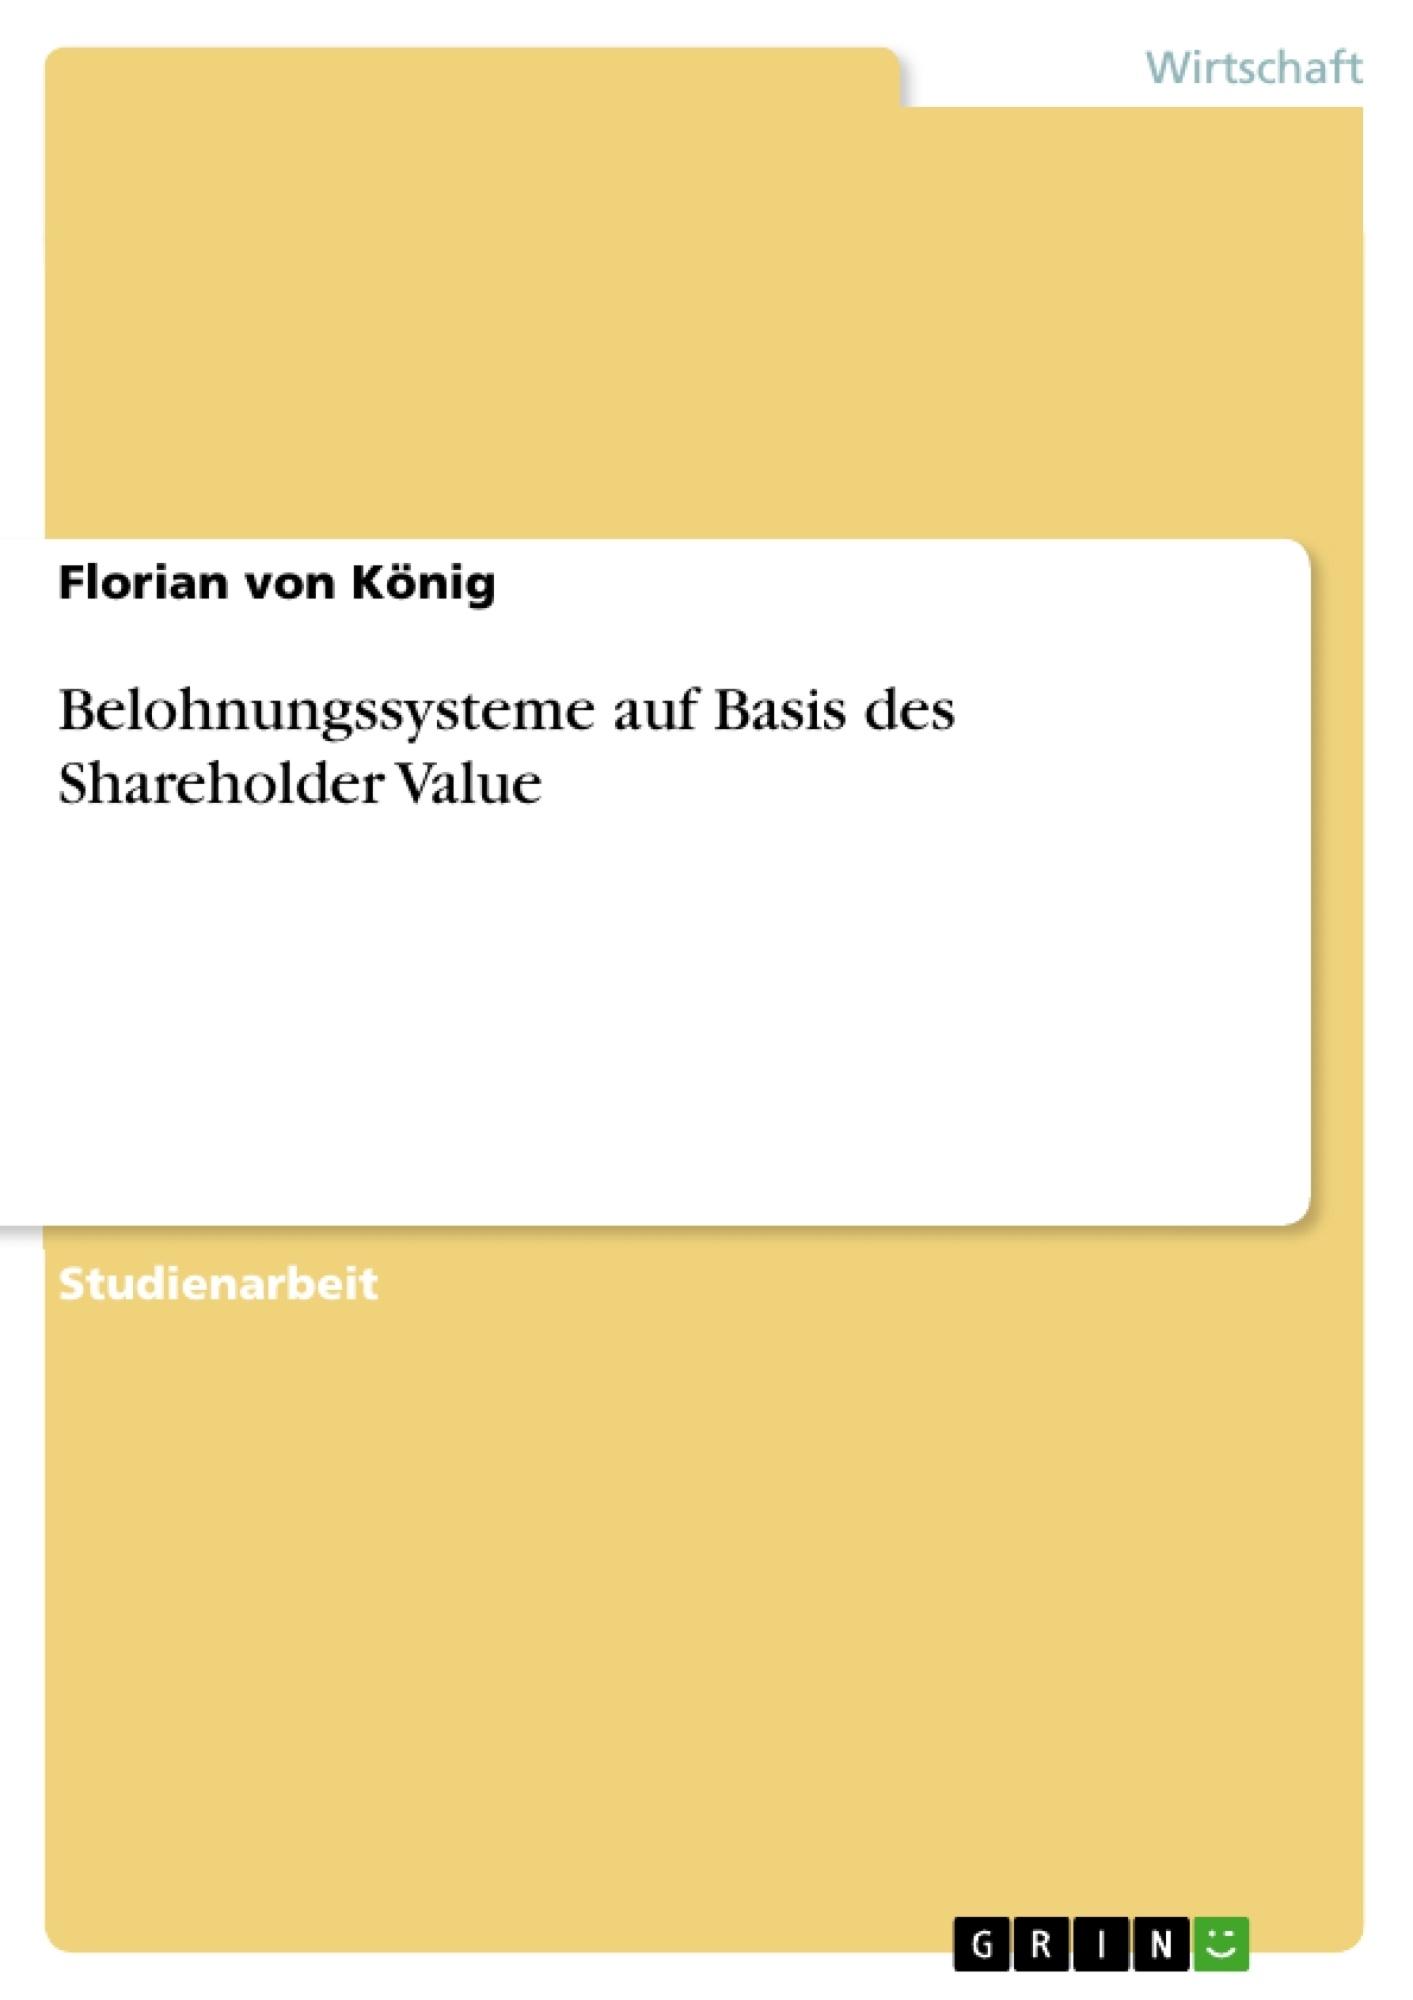 Titel: Belohnungssysteme auf Basis des Shareholder Value